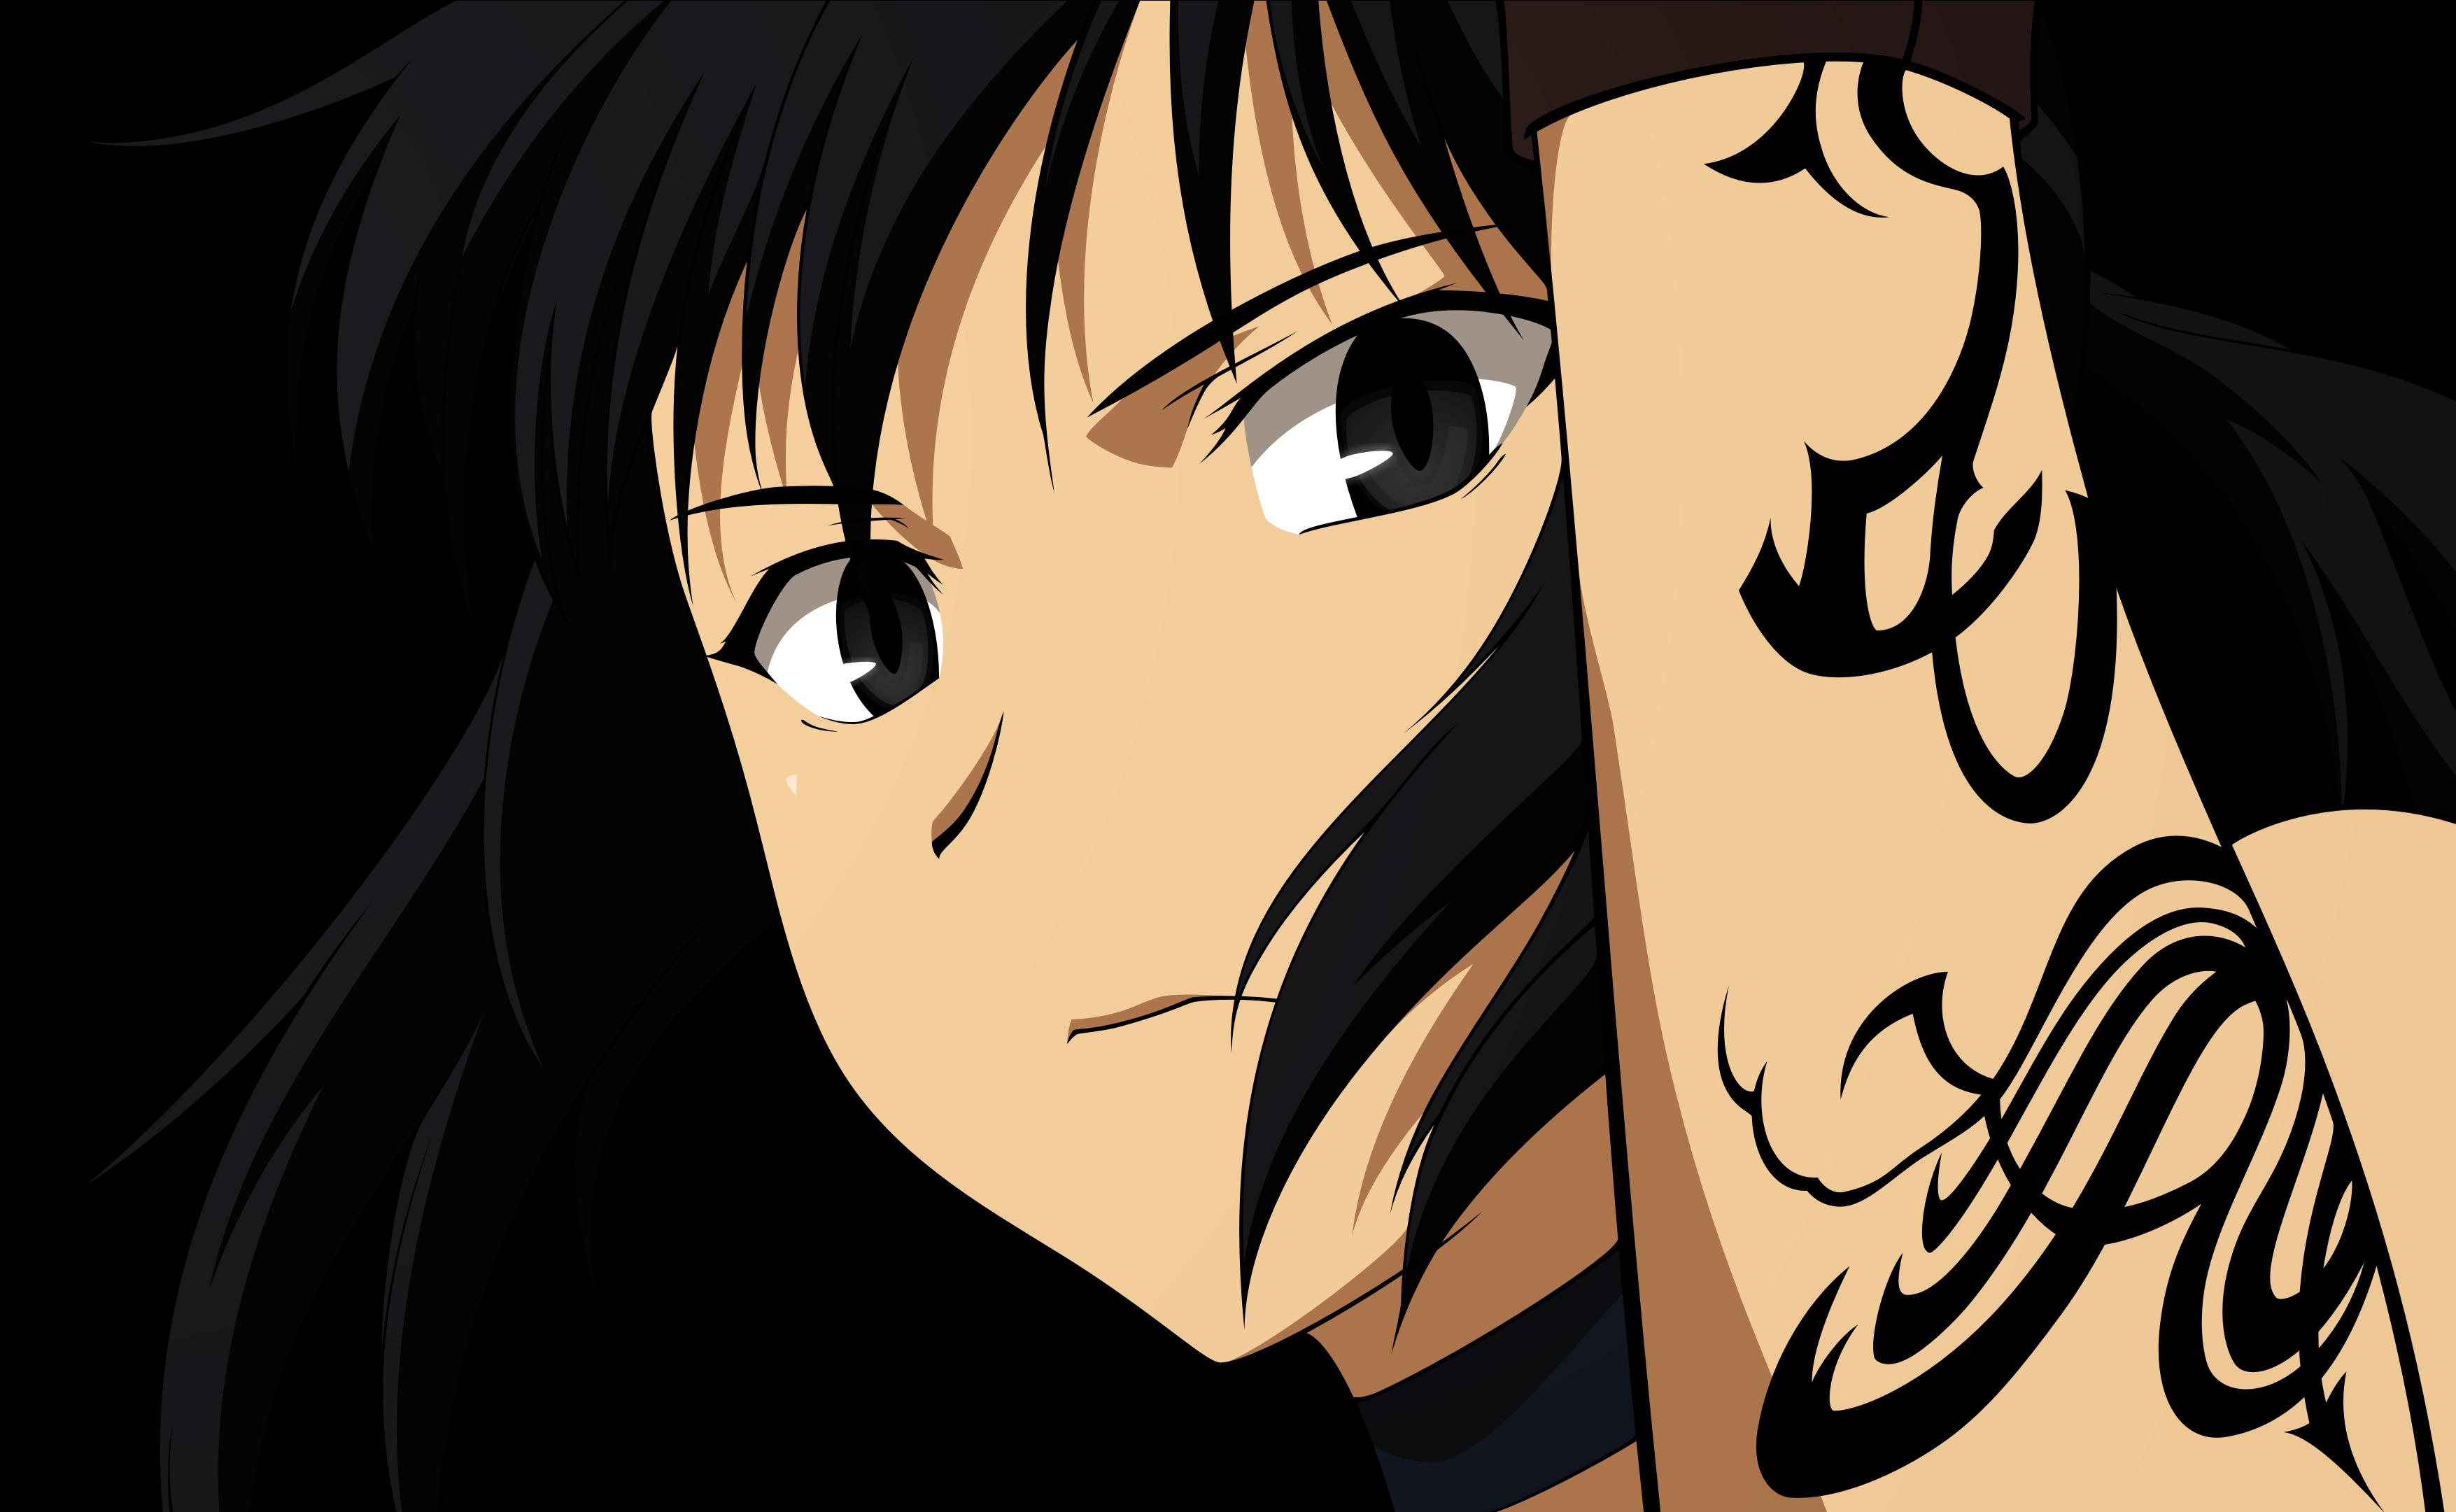 HD Canaan, Anime Vectors, Alshaya Alphard.